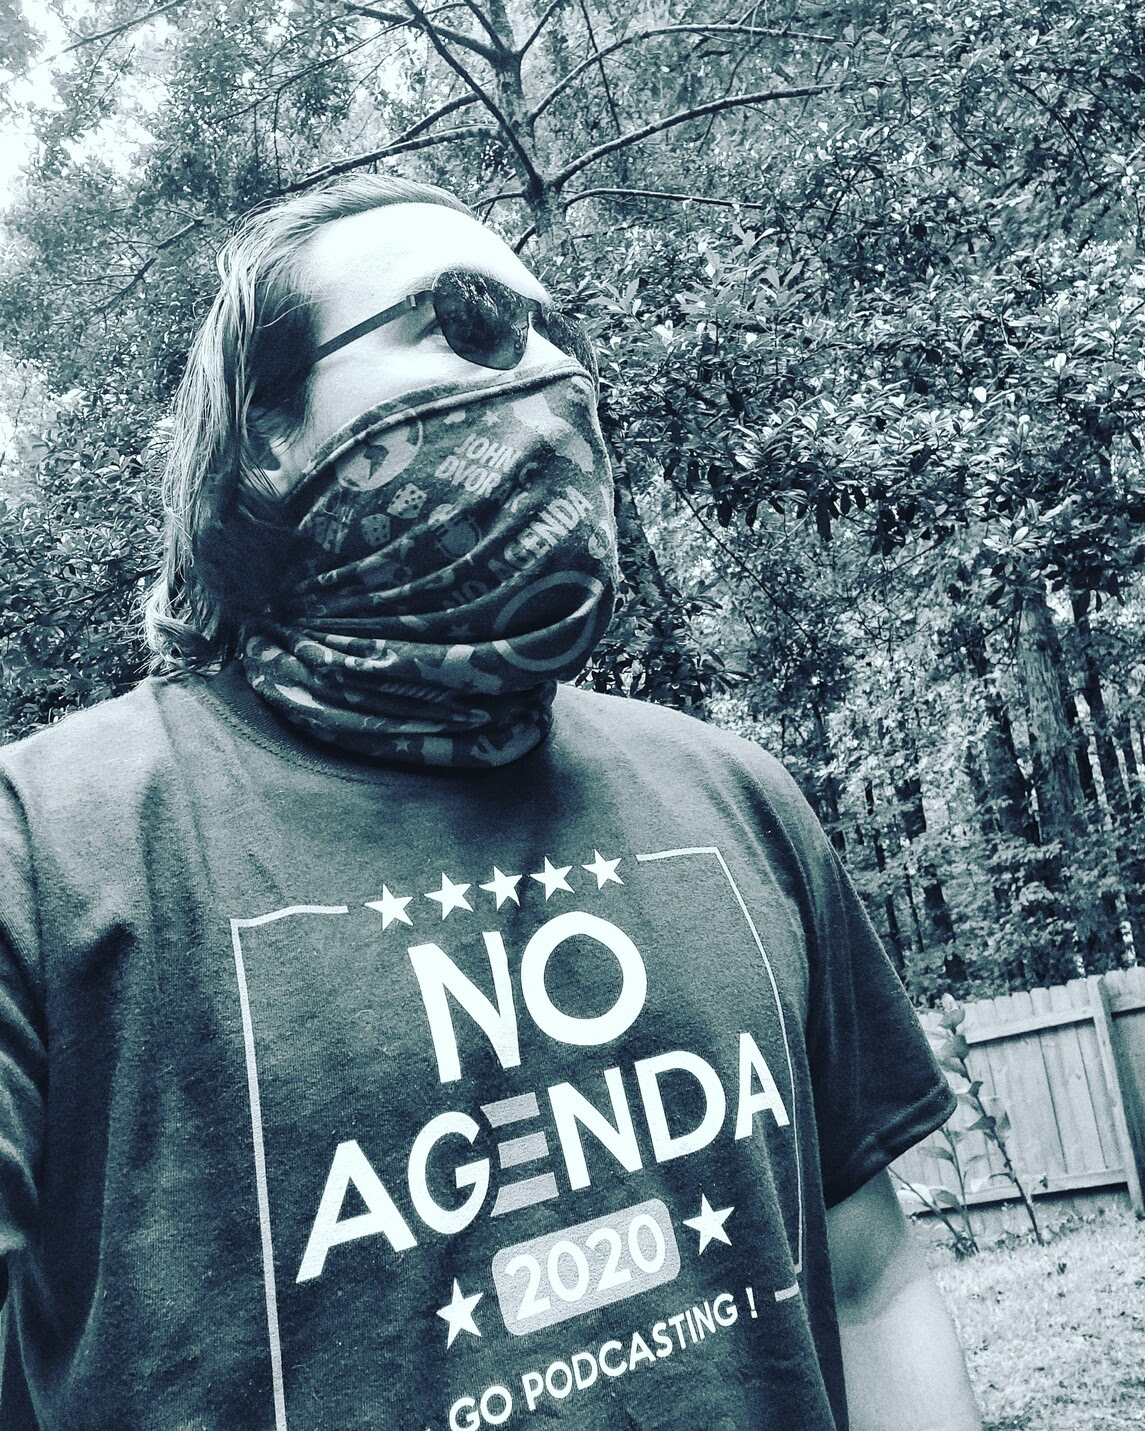 No Agenda garb